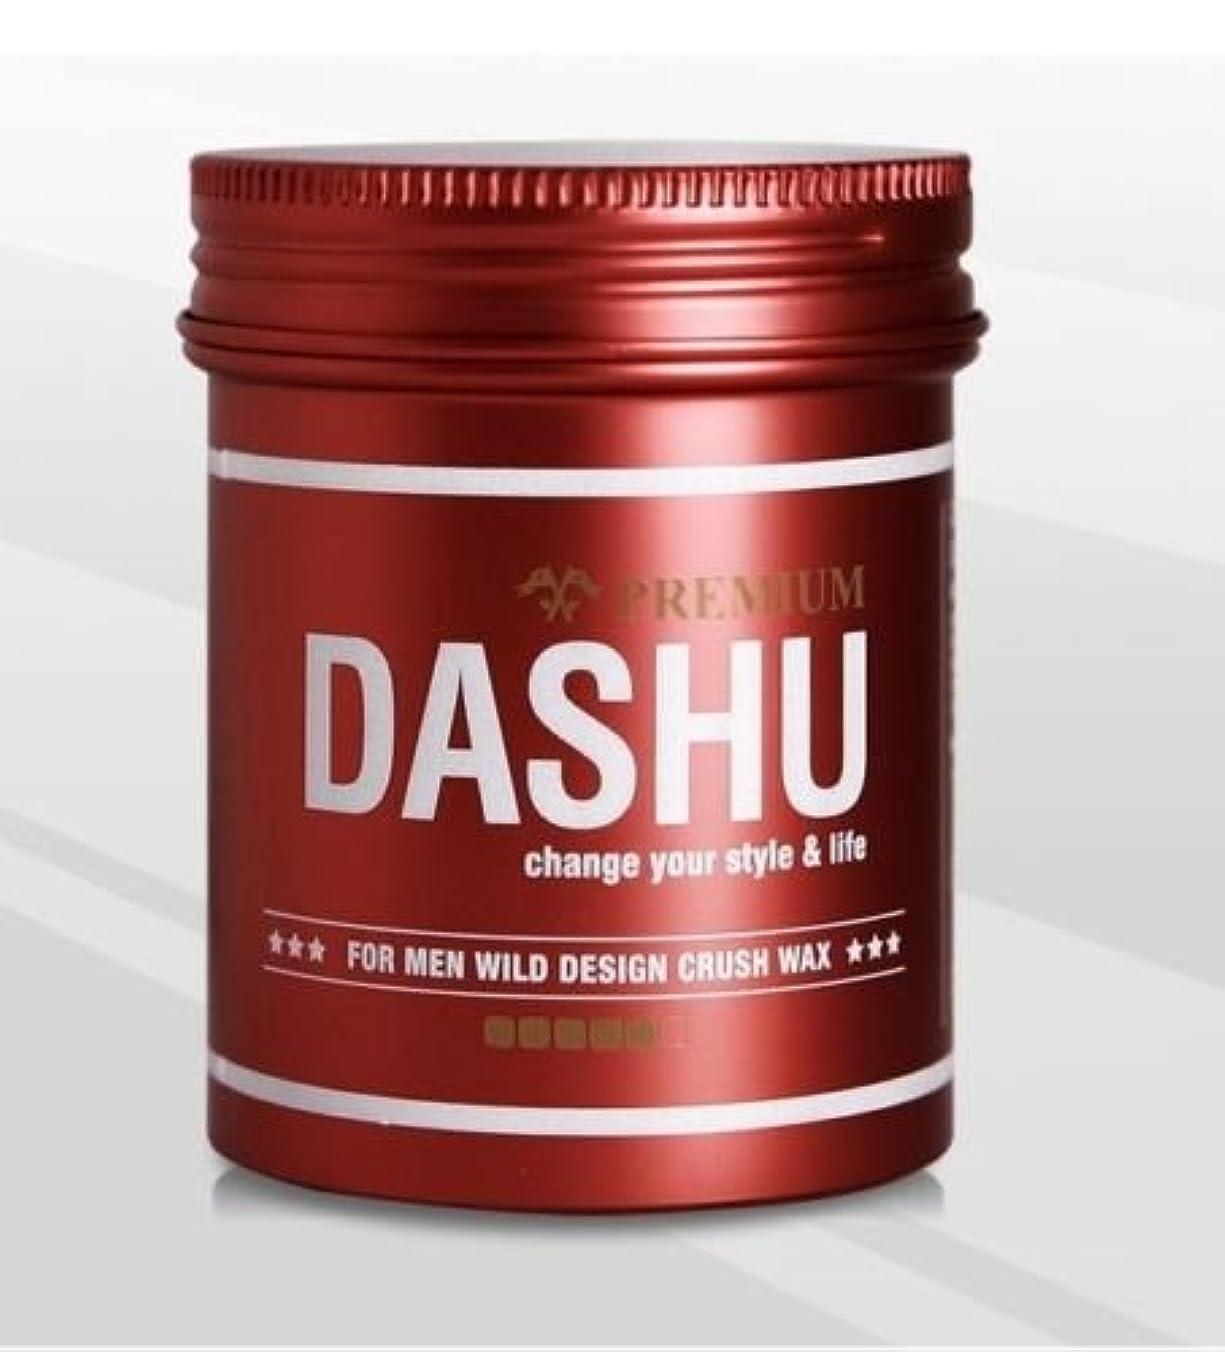 悪行簡単な複製[DASHU] ダシュ For Men男性用 プレミアムワイルドデザインクラッシュワックス Premium Wild Design Crush Hair Wax 100ml / 韓国製 . 韓国直送品